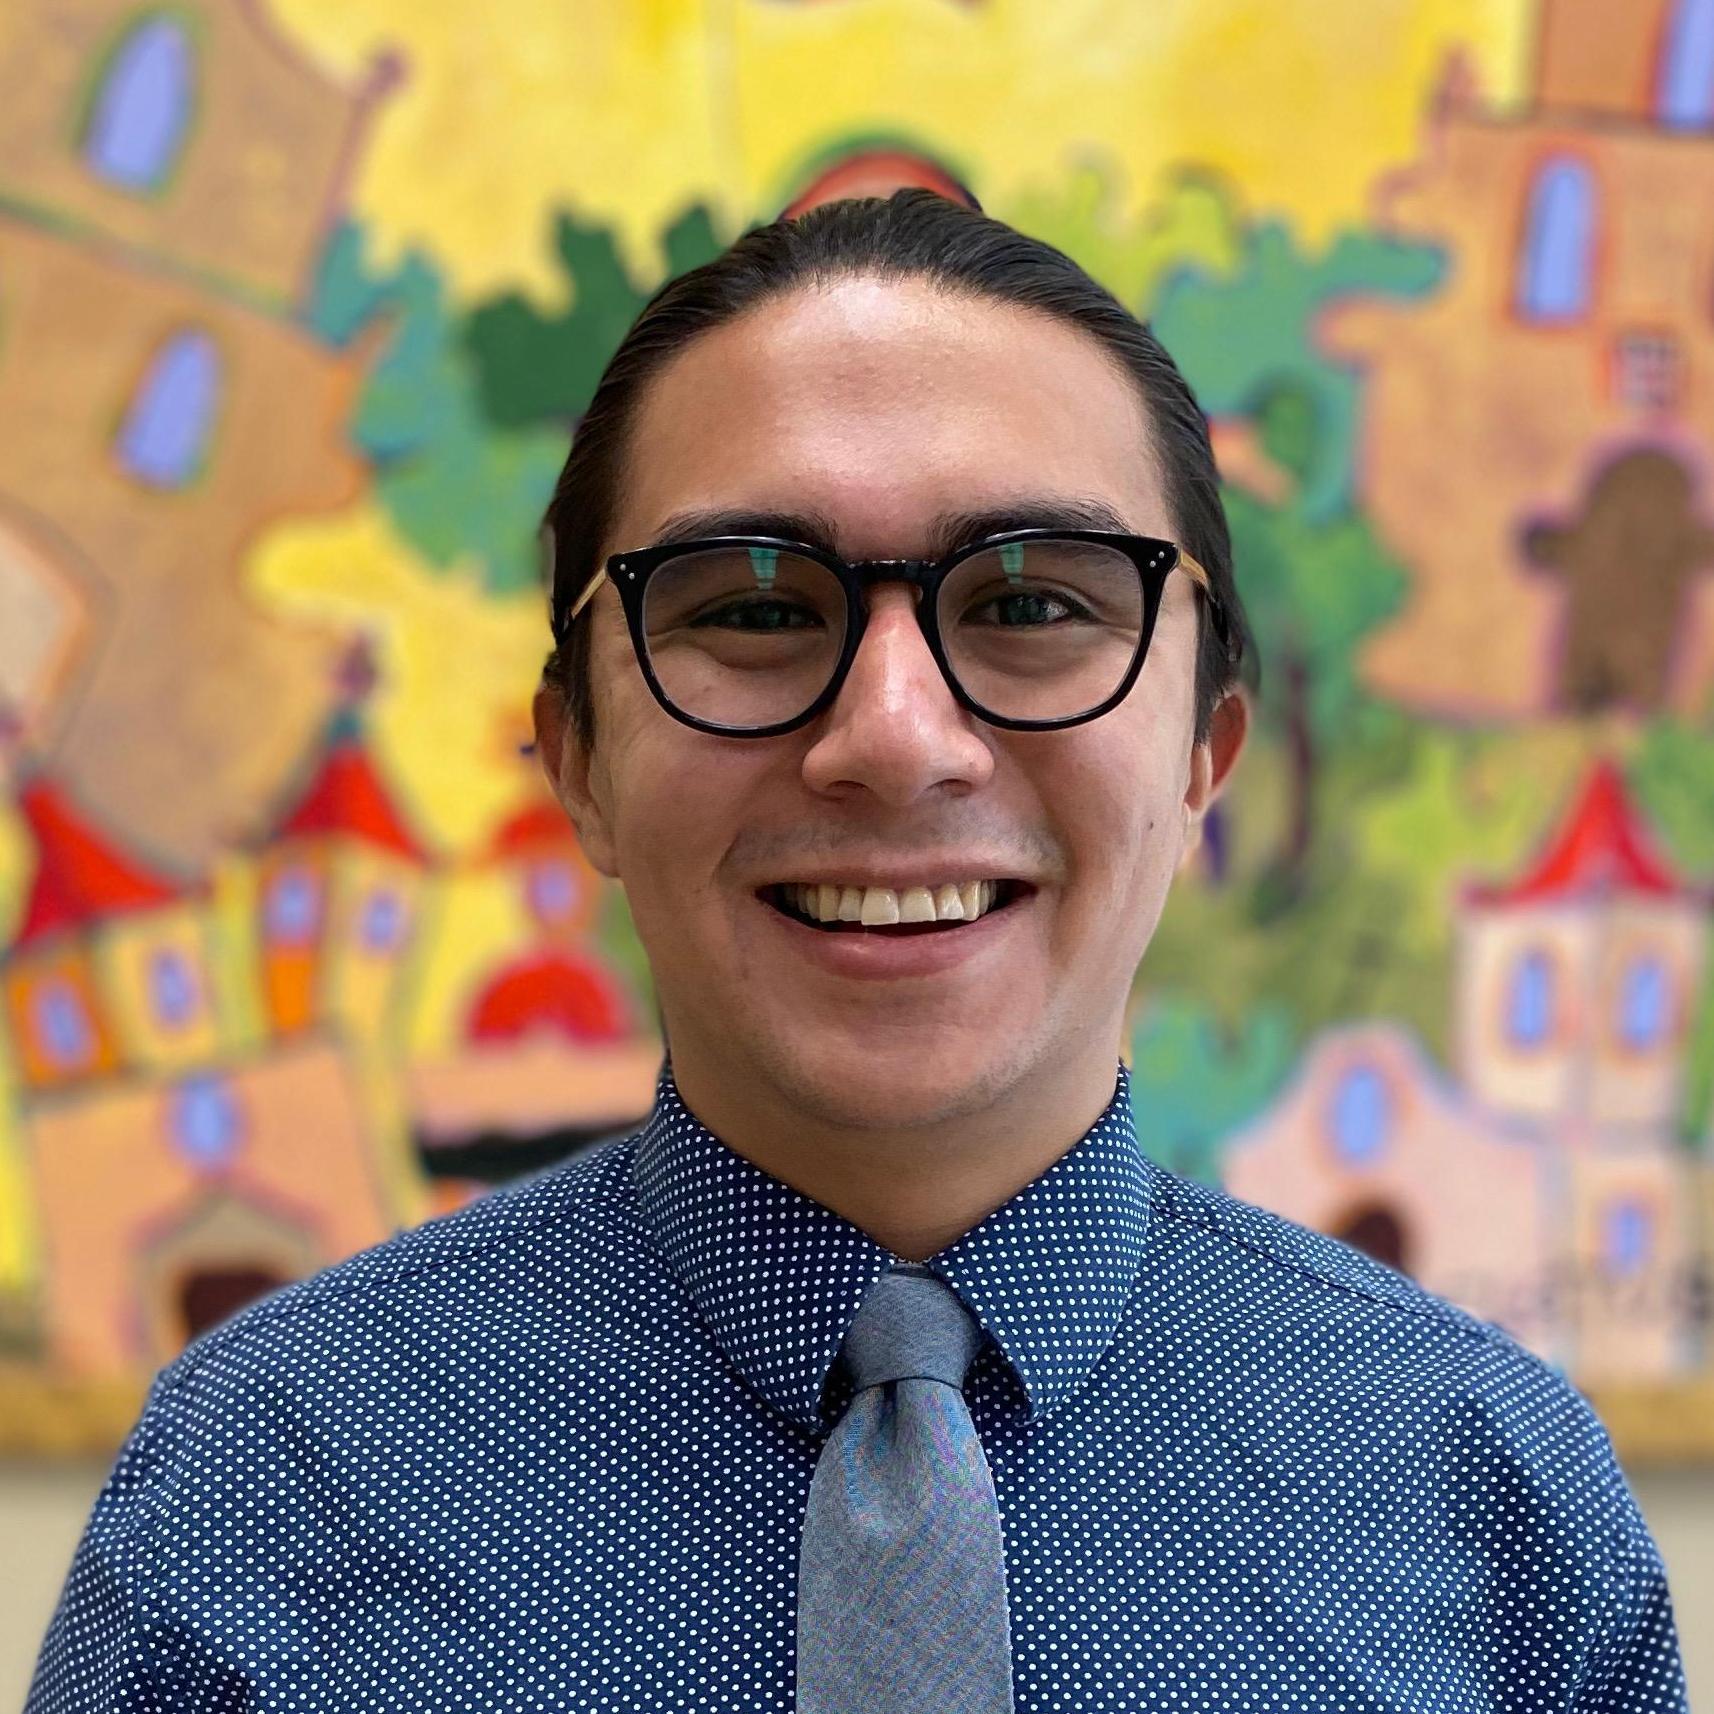 Antonio Frietze's Profile Photo